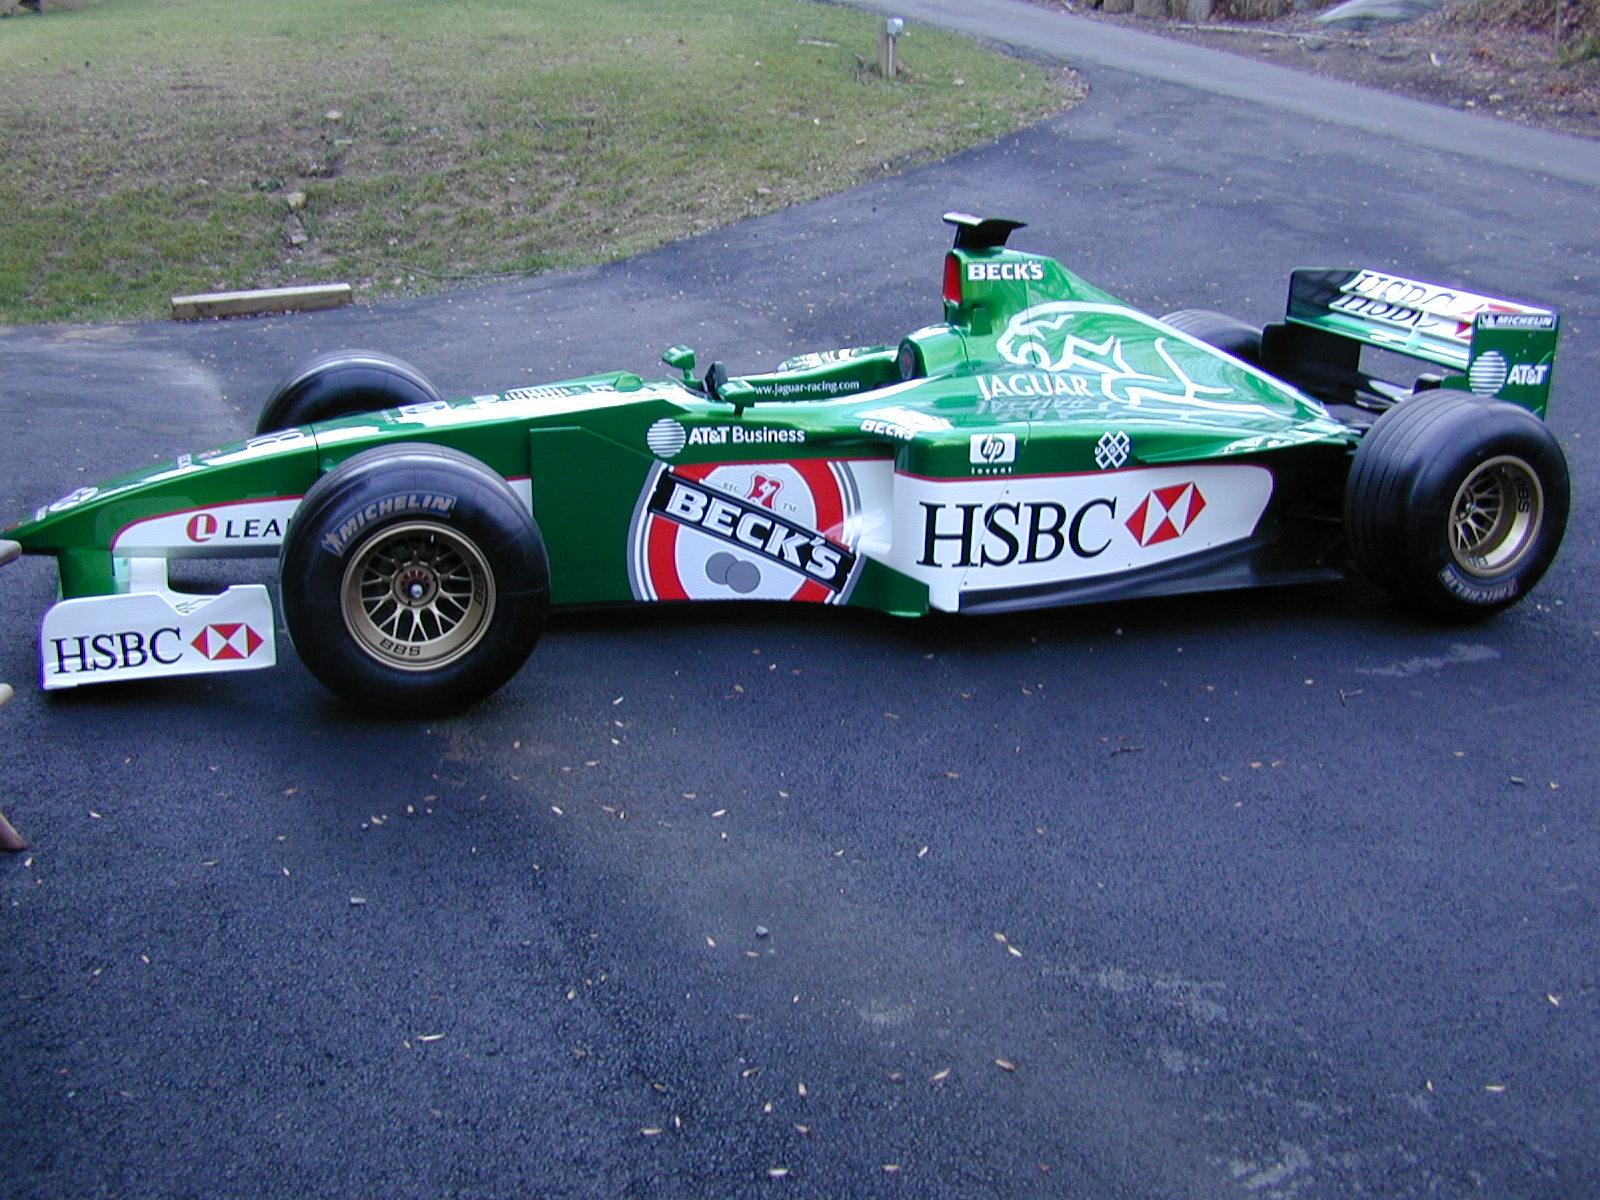 Jaguar Racing F1 Show Car